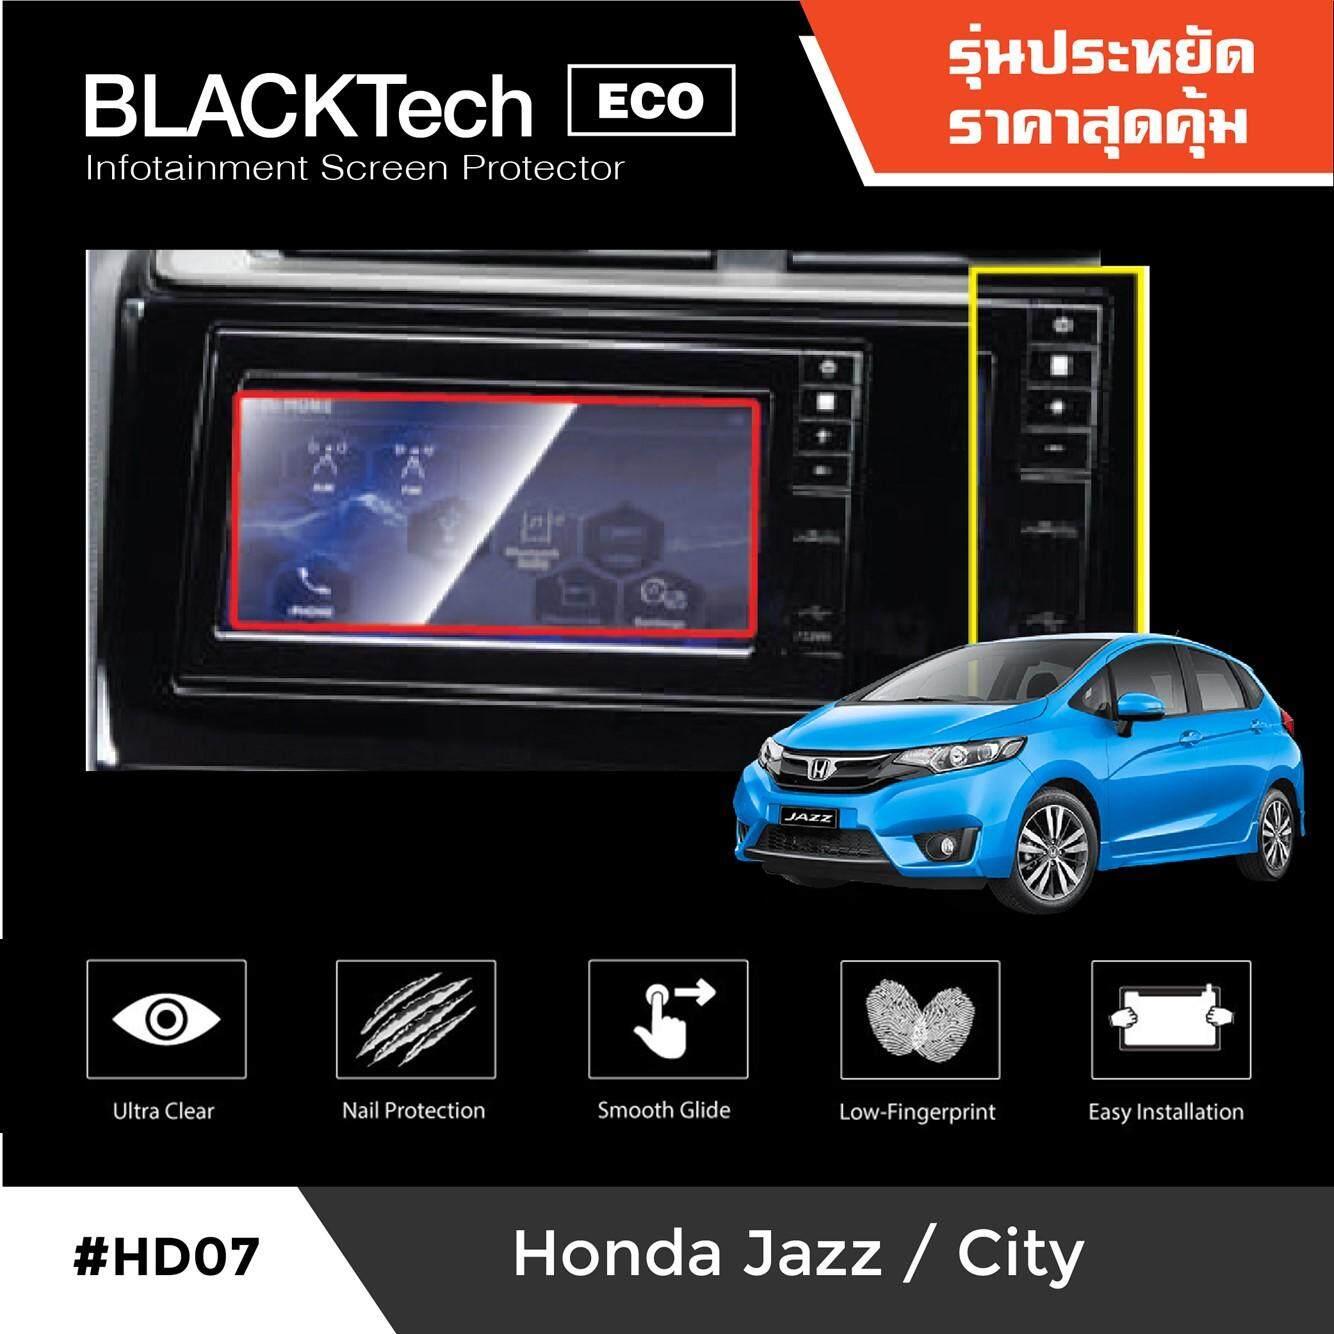 ฟิล์มกันรอยหน้าจอรถยนต์ Honda Jazz / City จอขนาด 6.5 นิ้ว - Blacktech (eco) By Arctic.